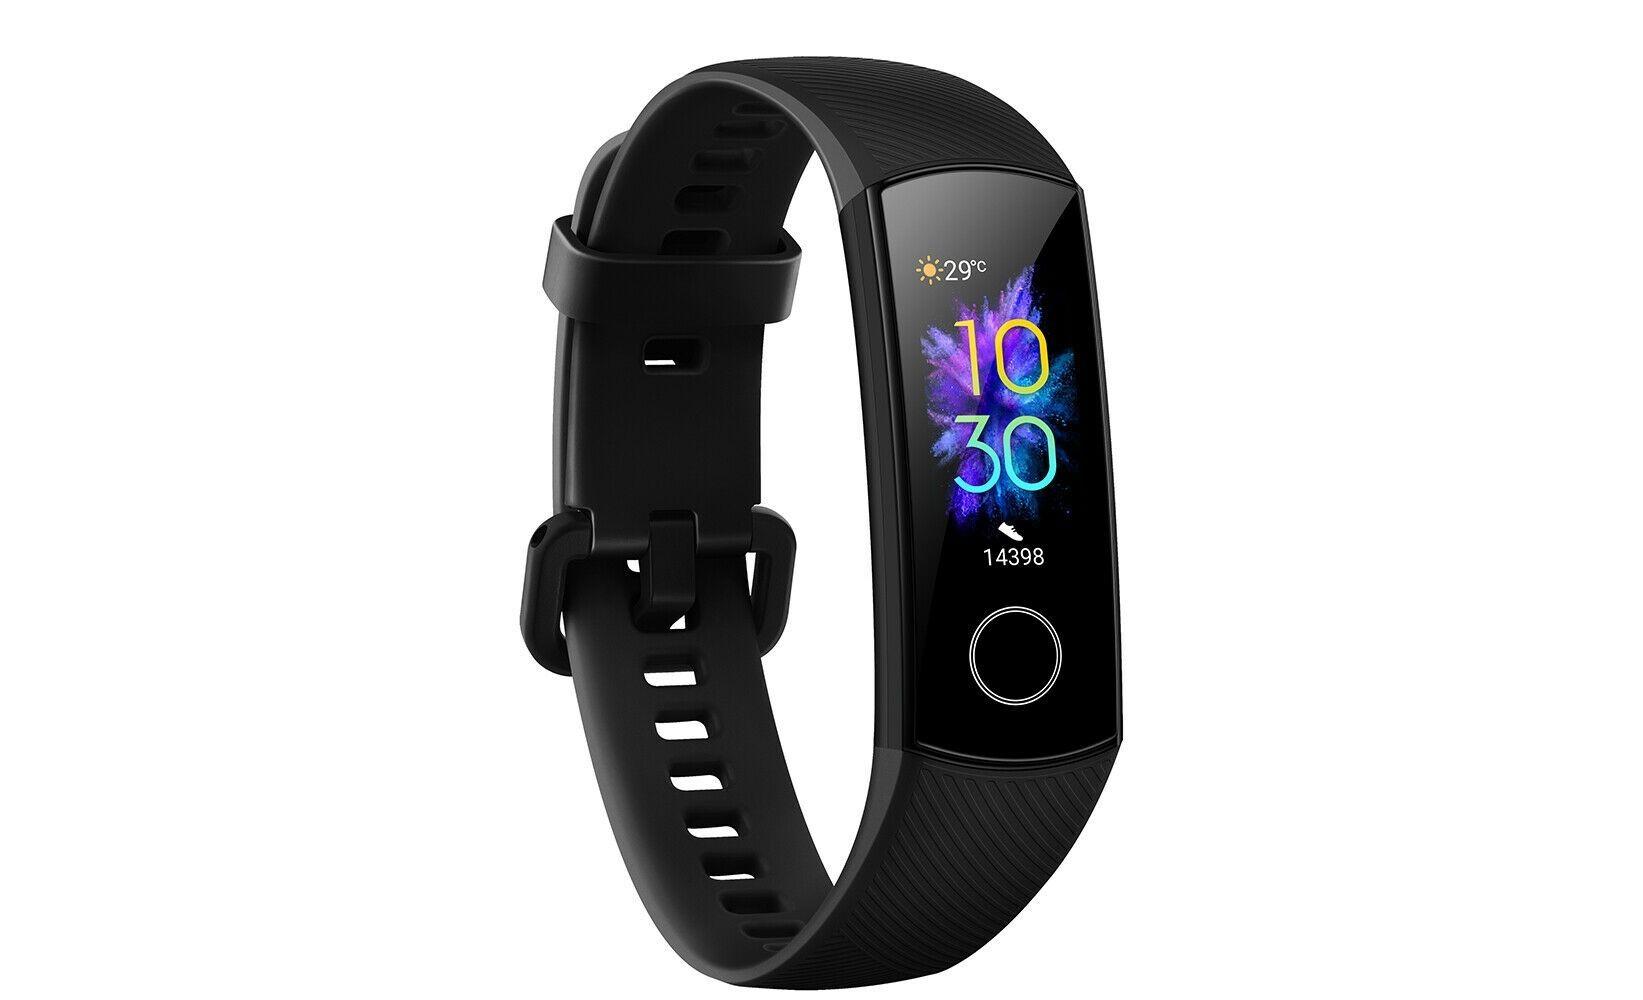 b7a5ea8daf89e Bon plan : bracelet Honor Band 5, écouteurs Bluetooth Haylou C10 et ...